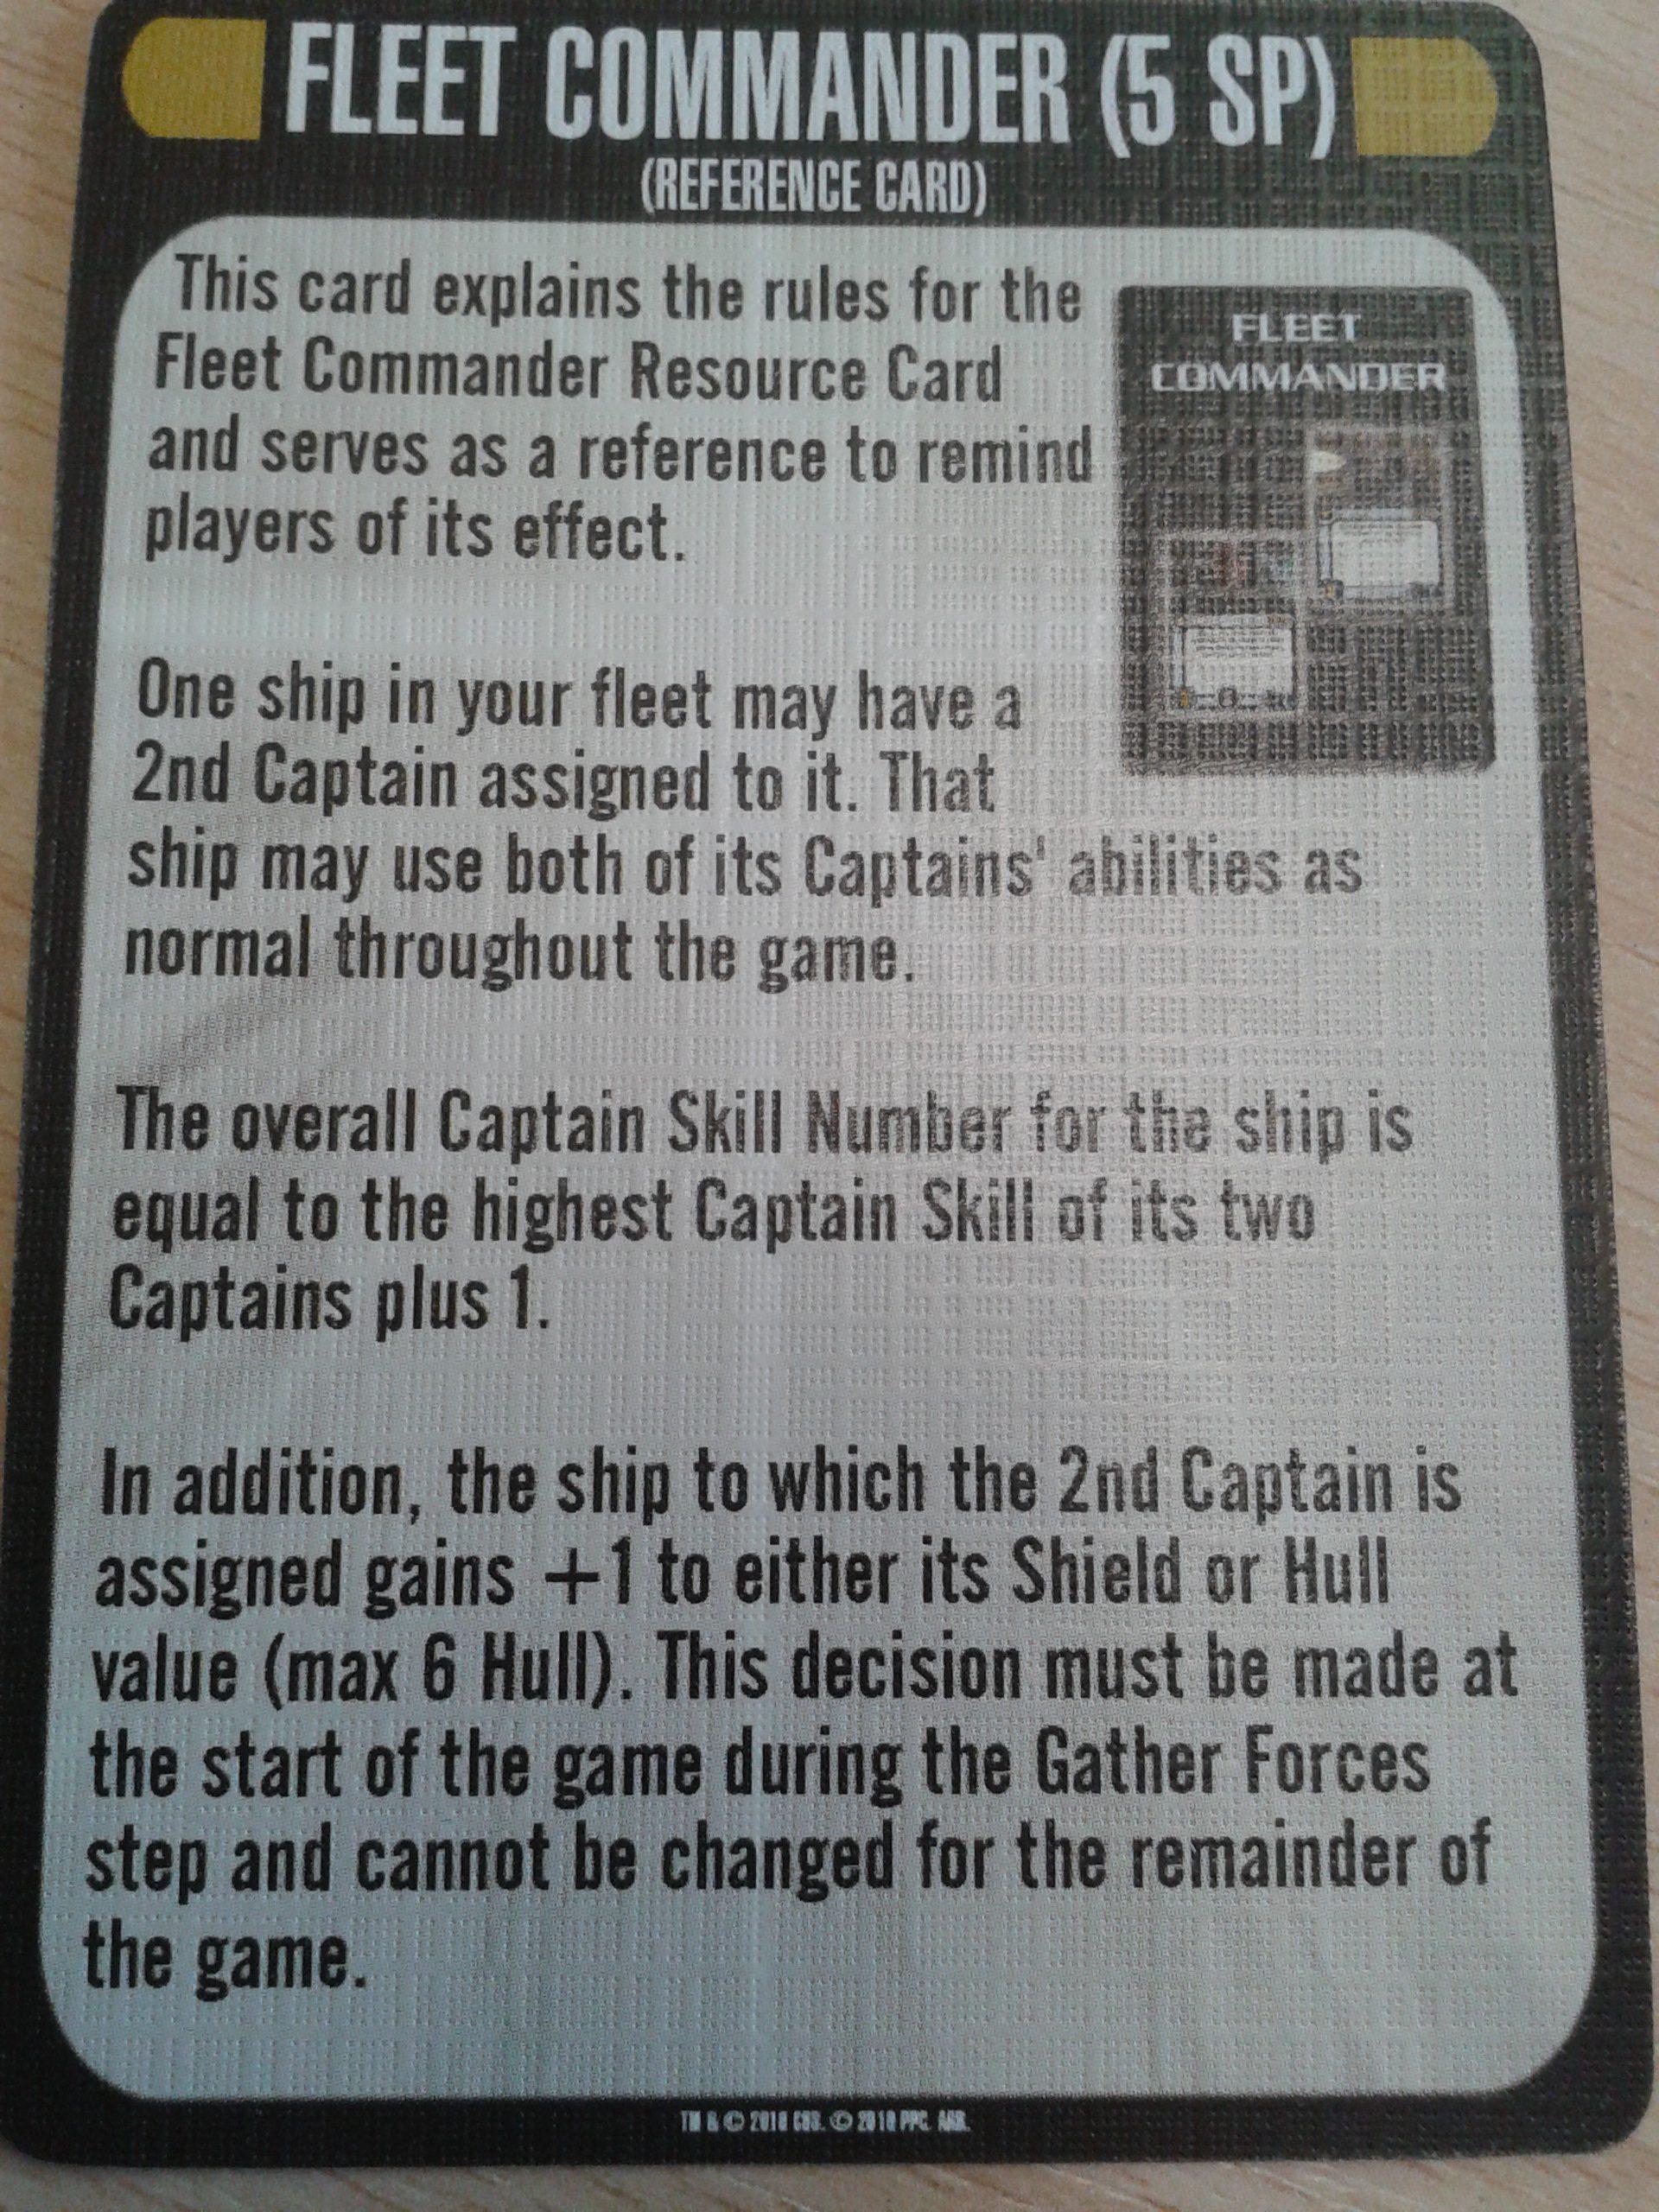 [Biete] Fleet Commander Ressource (aus dem Klingon Civil War OP Kit 1) 20161102_132416-e1478089609596